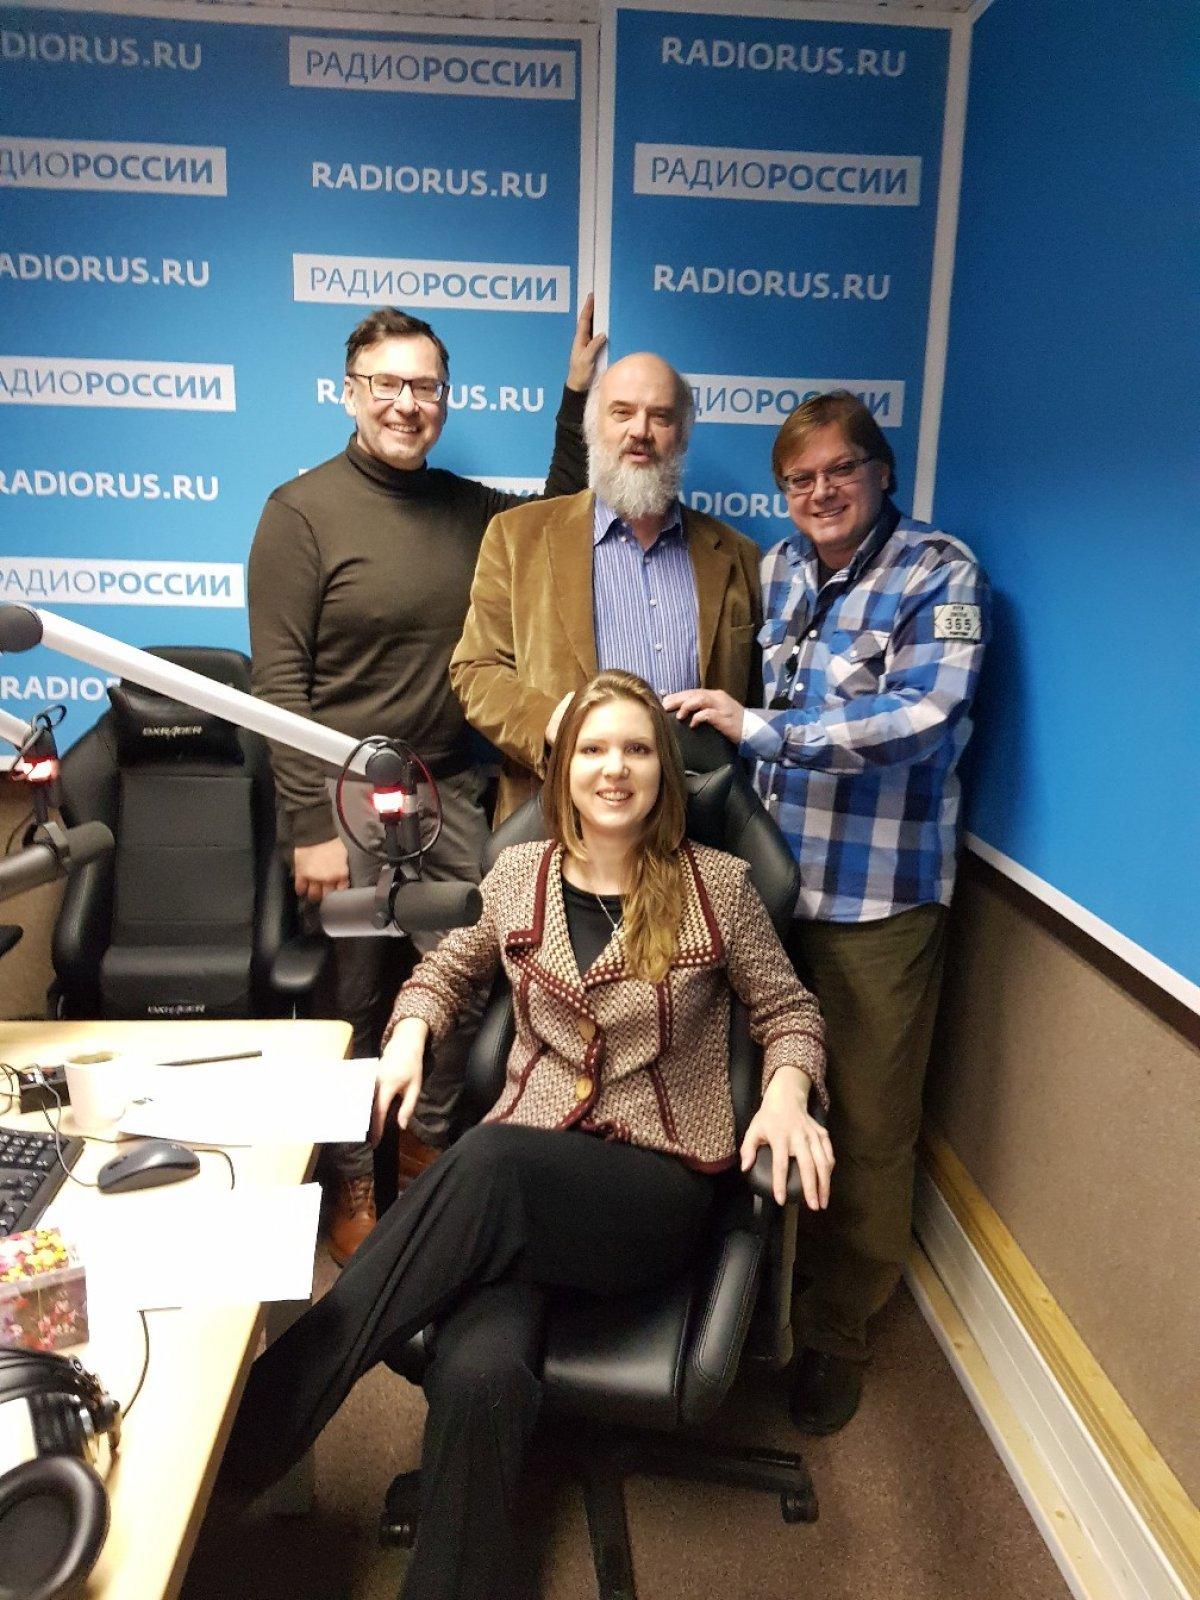 радио россии поздравления в эфире